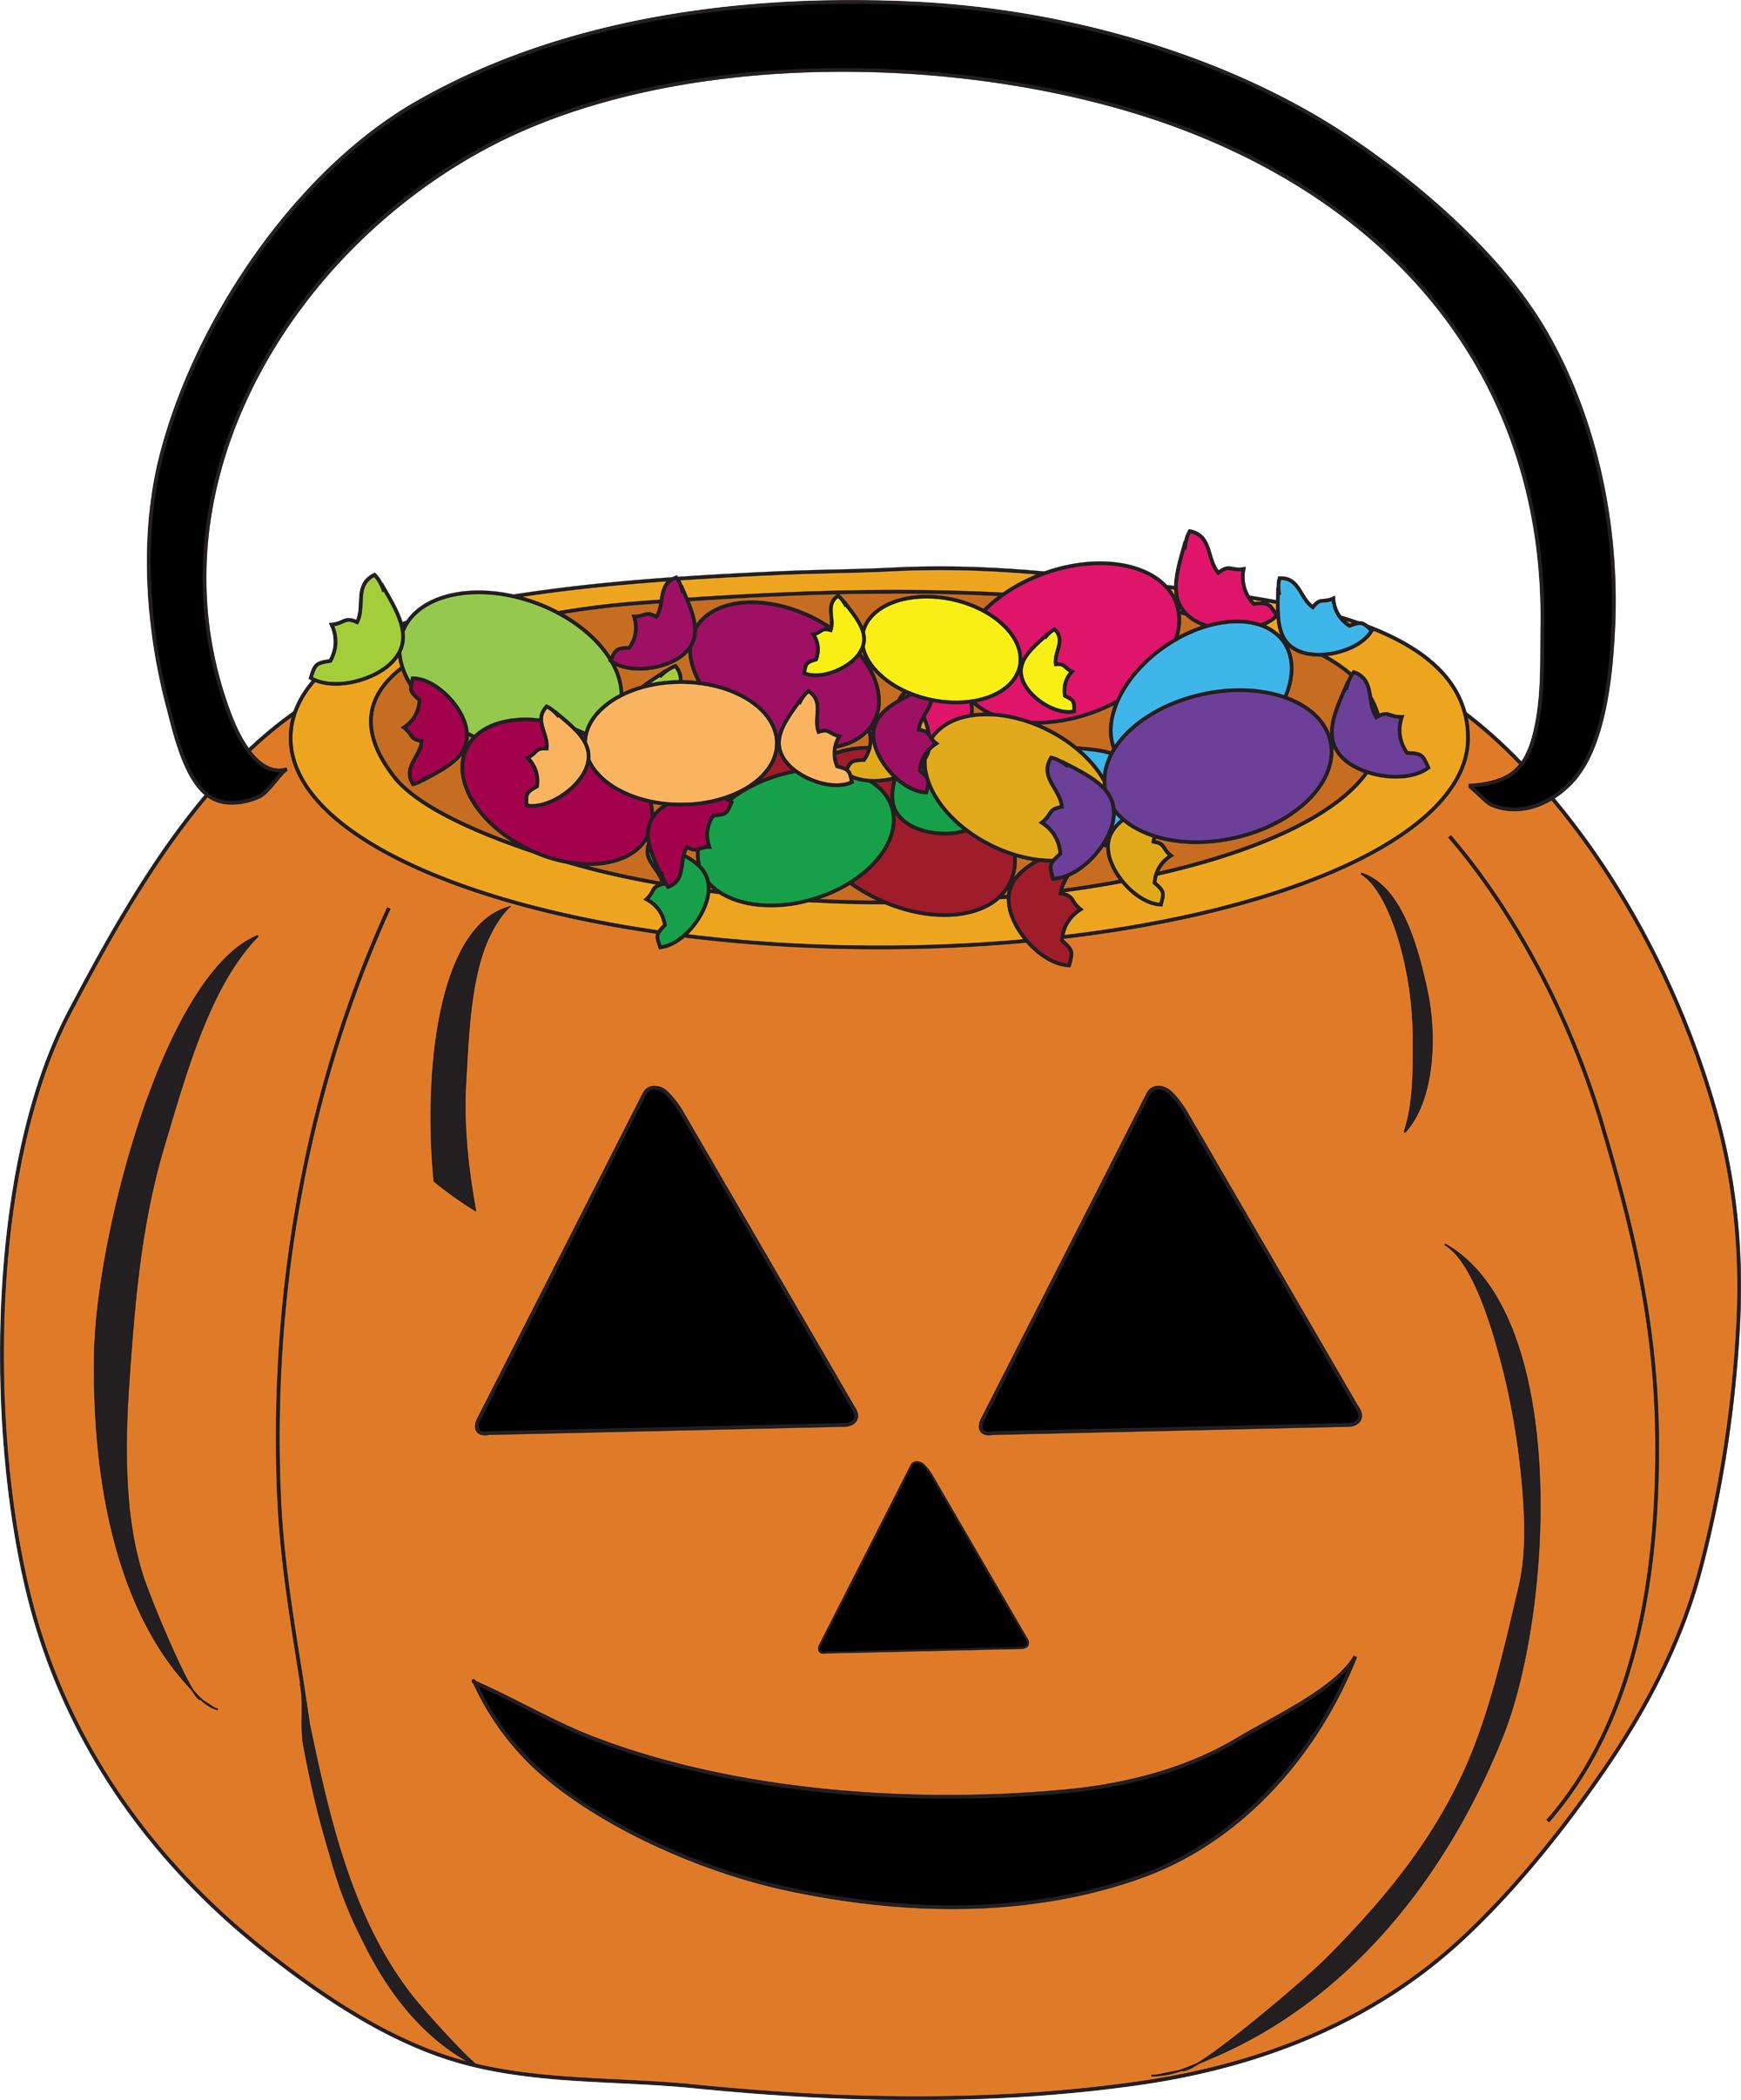 2000x2413 Halloween Candy Border Clip Art Fun For Christmas